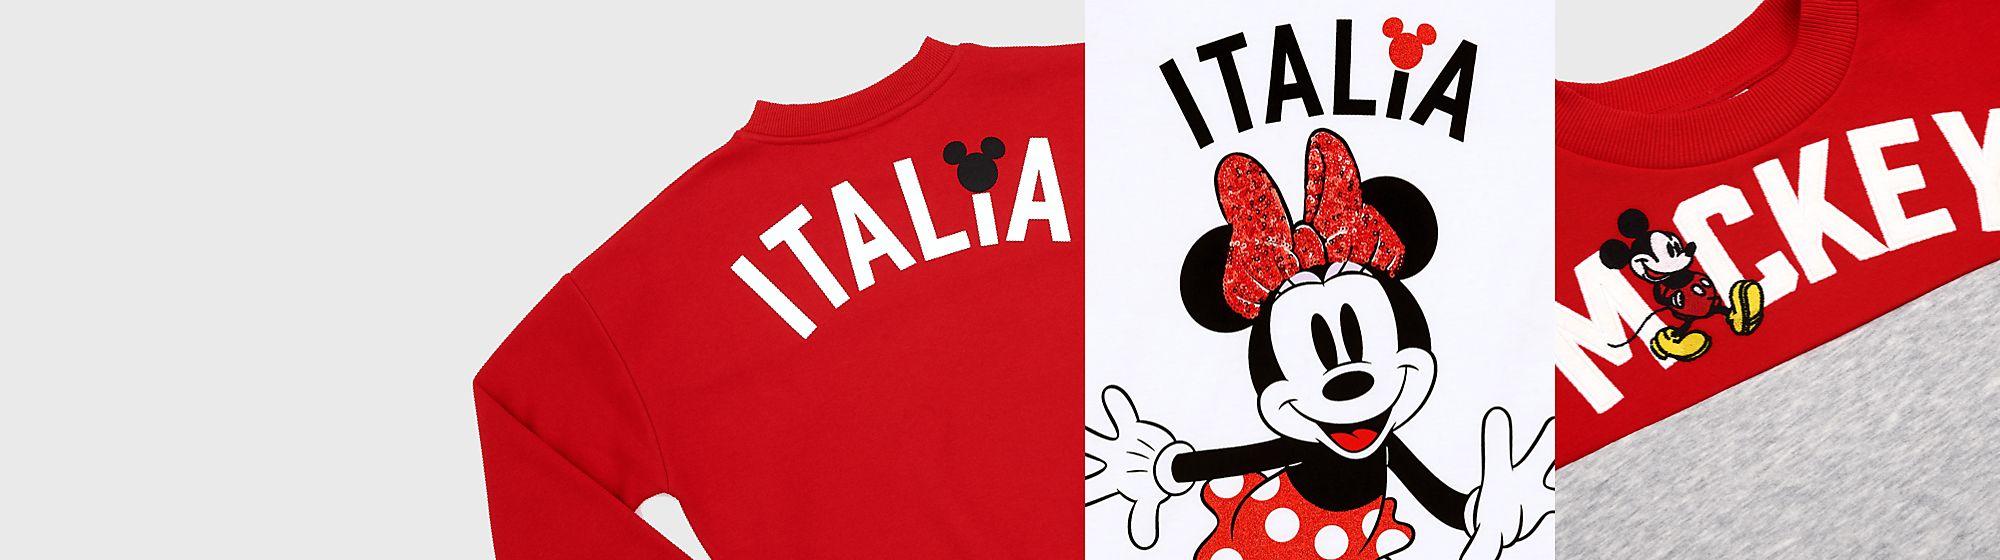 Ciao dalla nostra Italia! Scopri la nostra collezione per tutta la famiglia